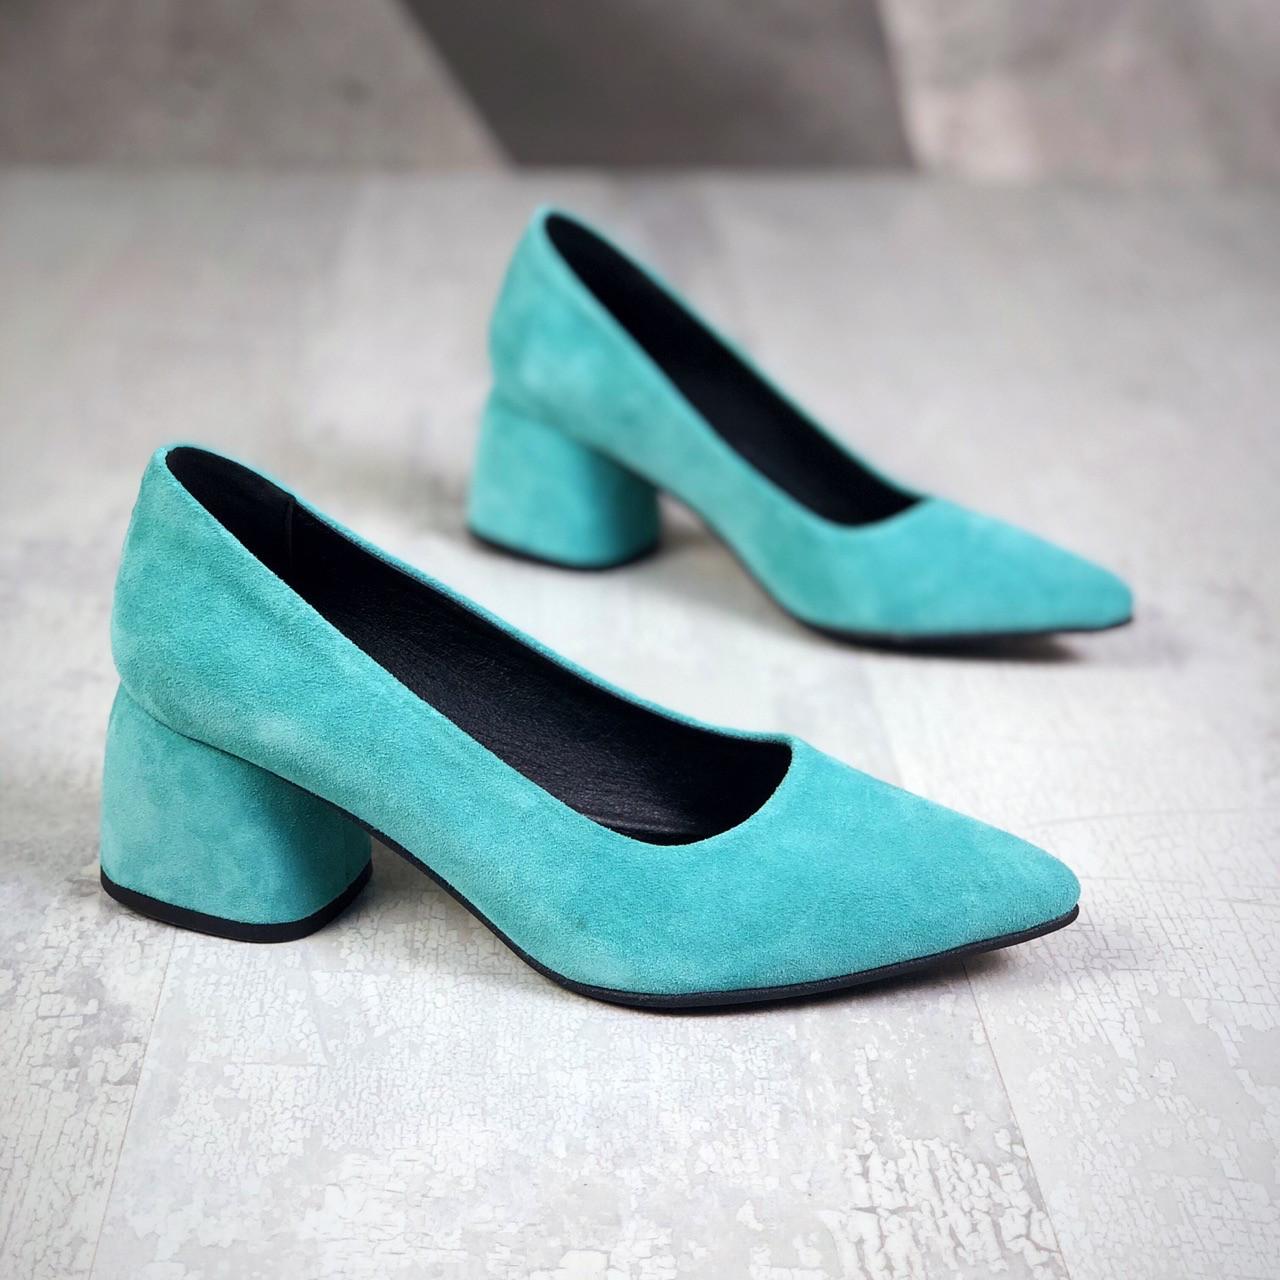 Шикарные замшевые туфли на каблучке 36-40 р голубой